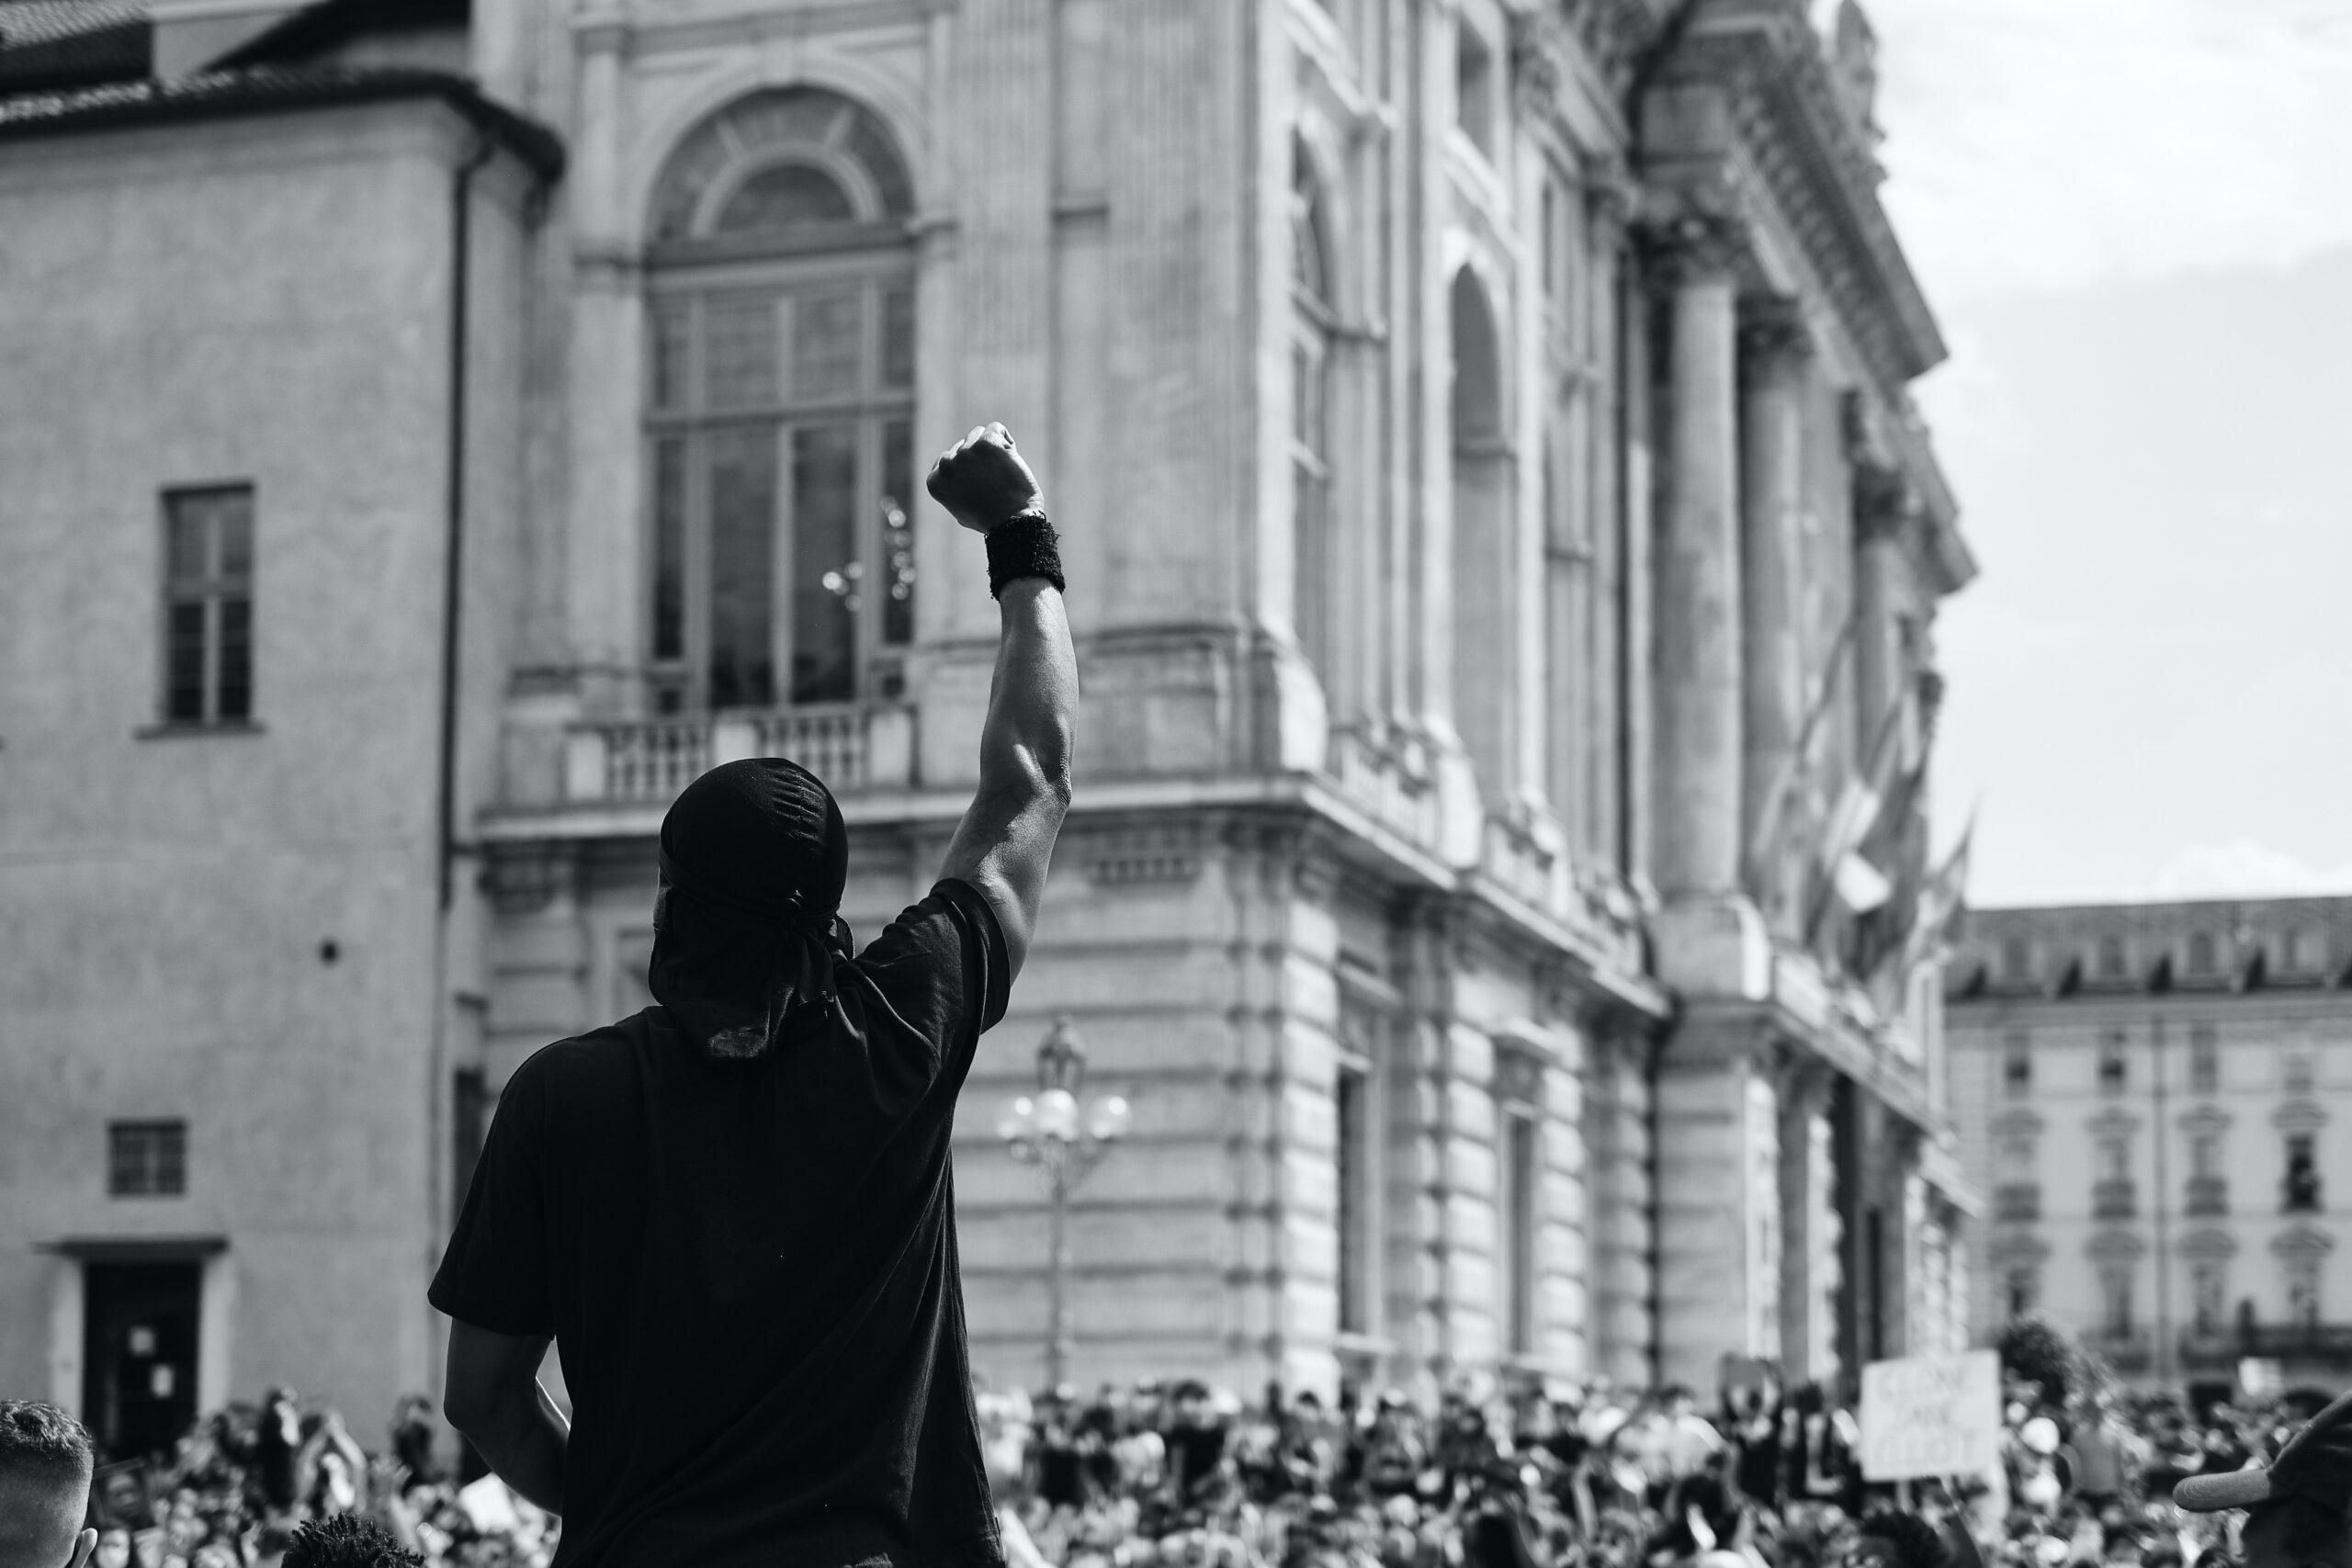 Man at Black Lives Matter protest